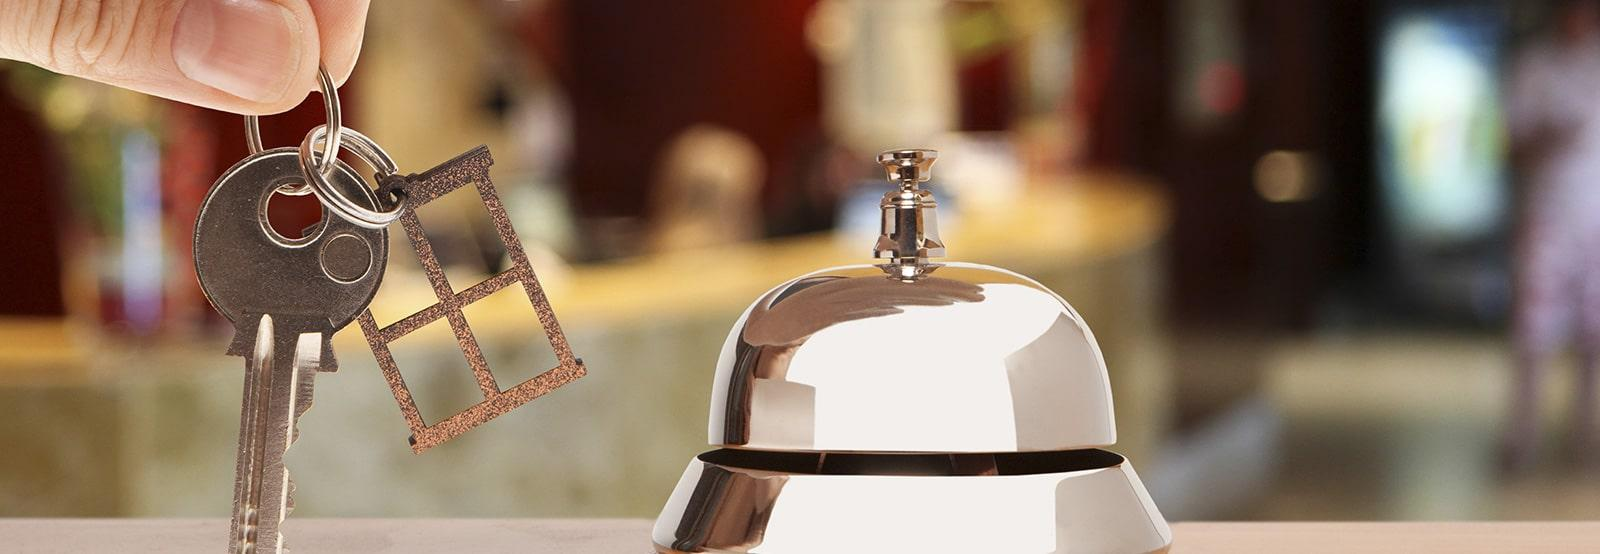 Guest Loyalty Program in Hotels